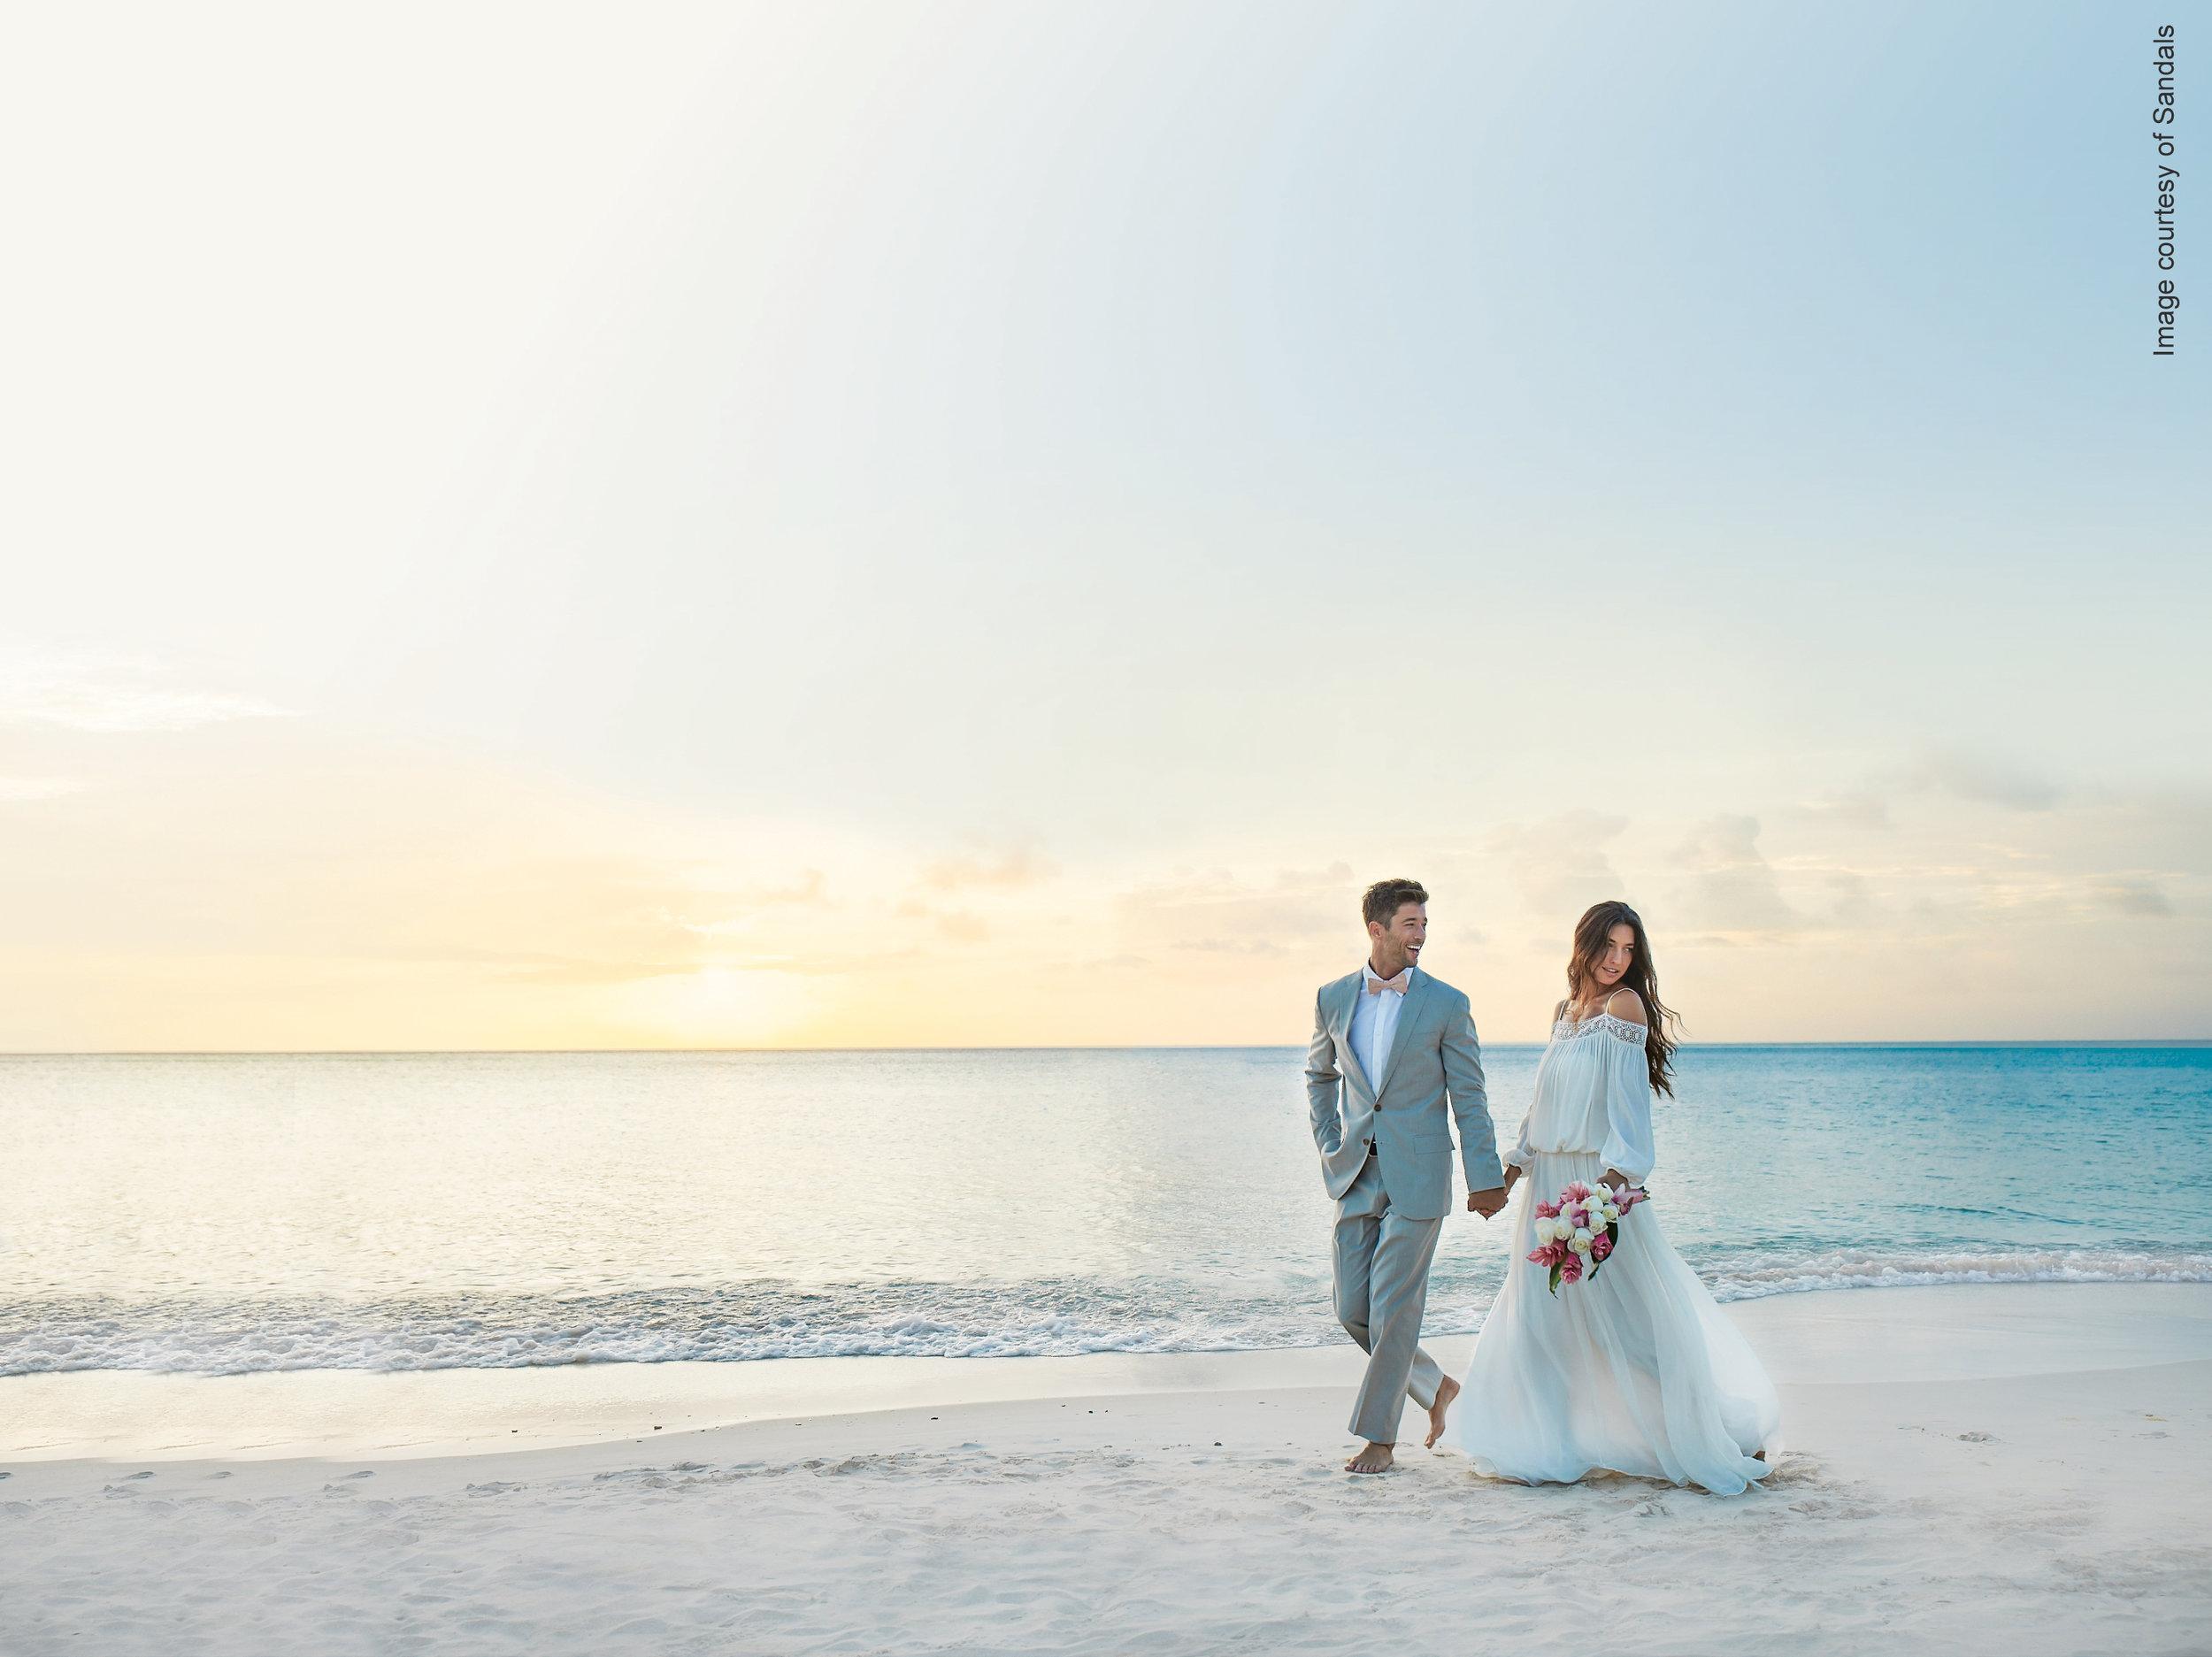 destination wedding planning.jpg